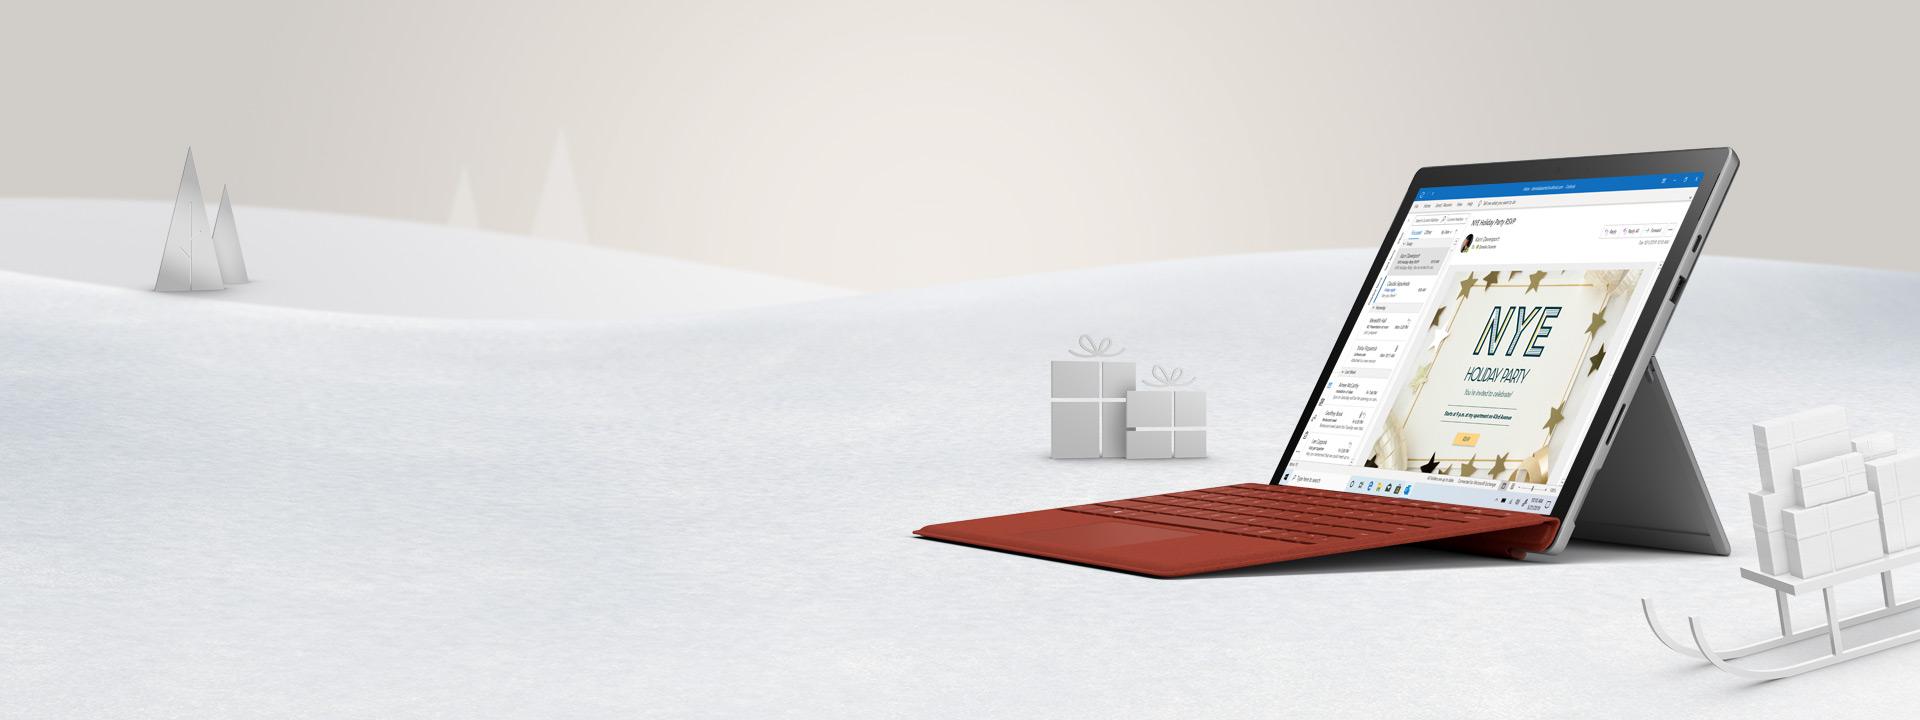 新しい Surface Pro 7 で可能性を